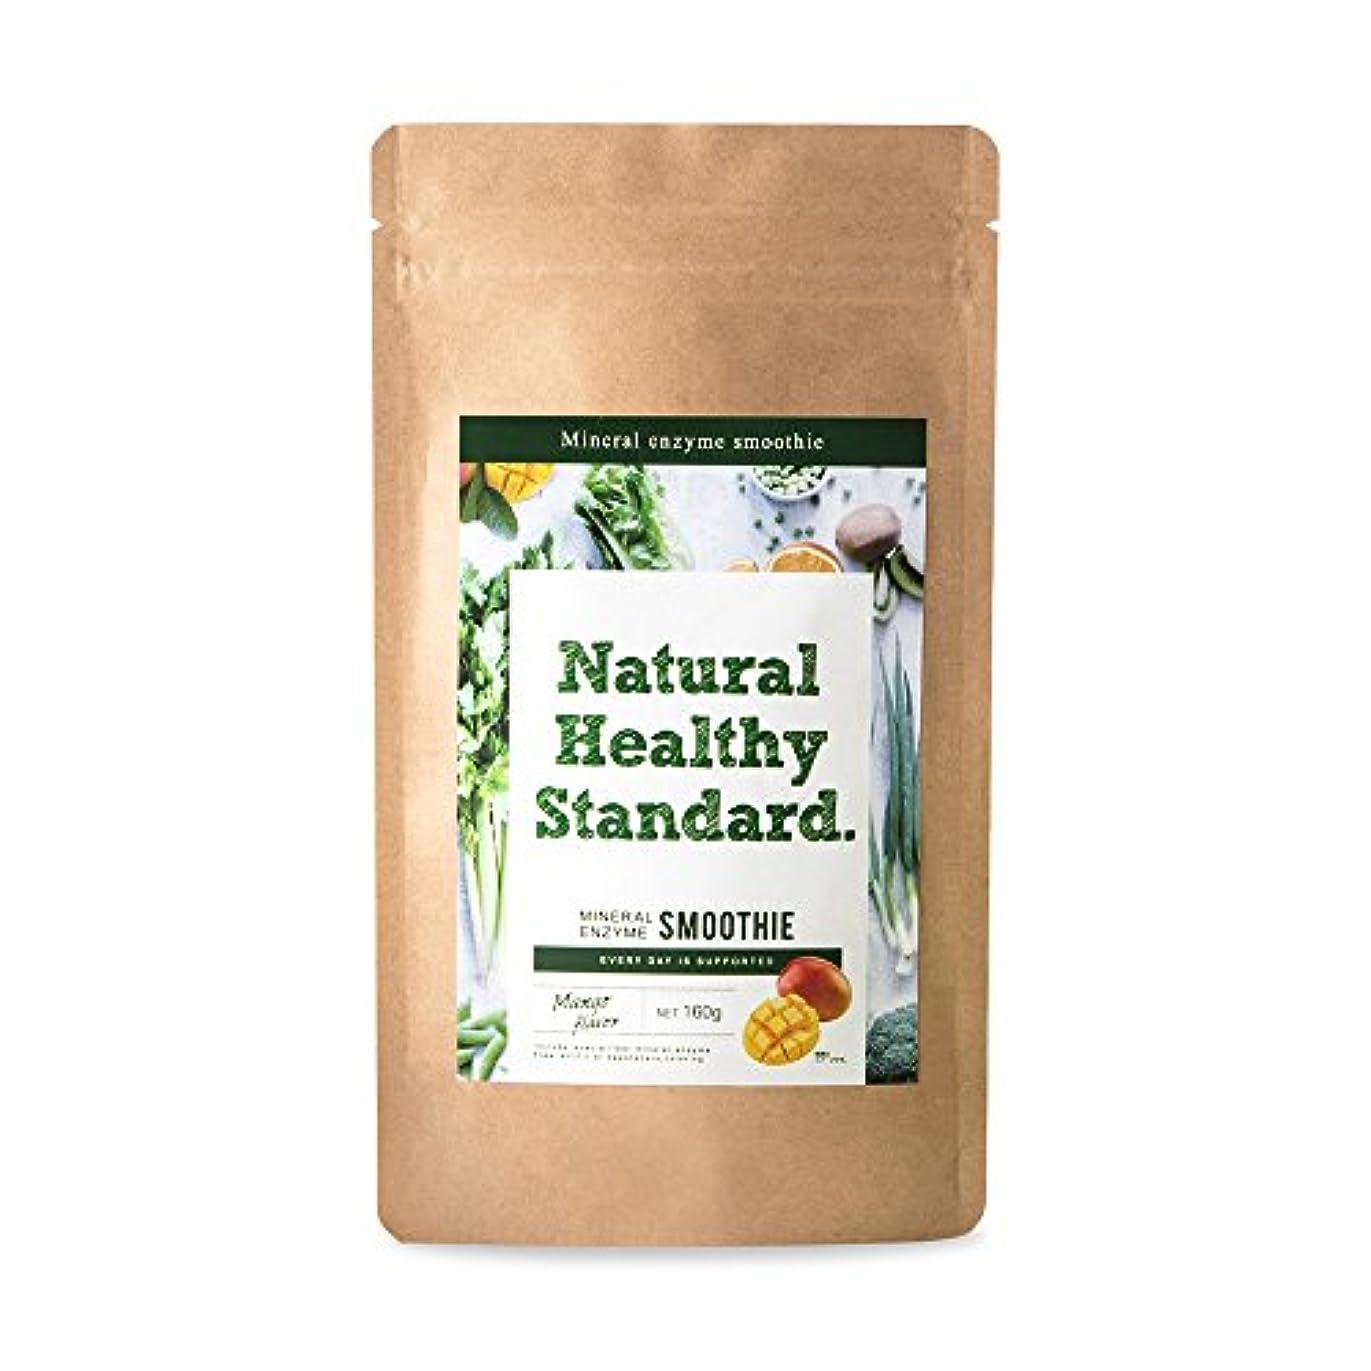 公然と混合模索Natural Healthy Standard. ミネラル酵素グリーンスムージー マンゴー味 160g (2017年リニューアル品)